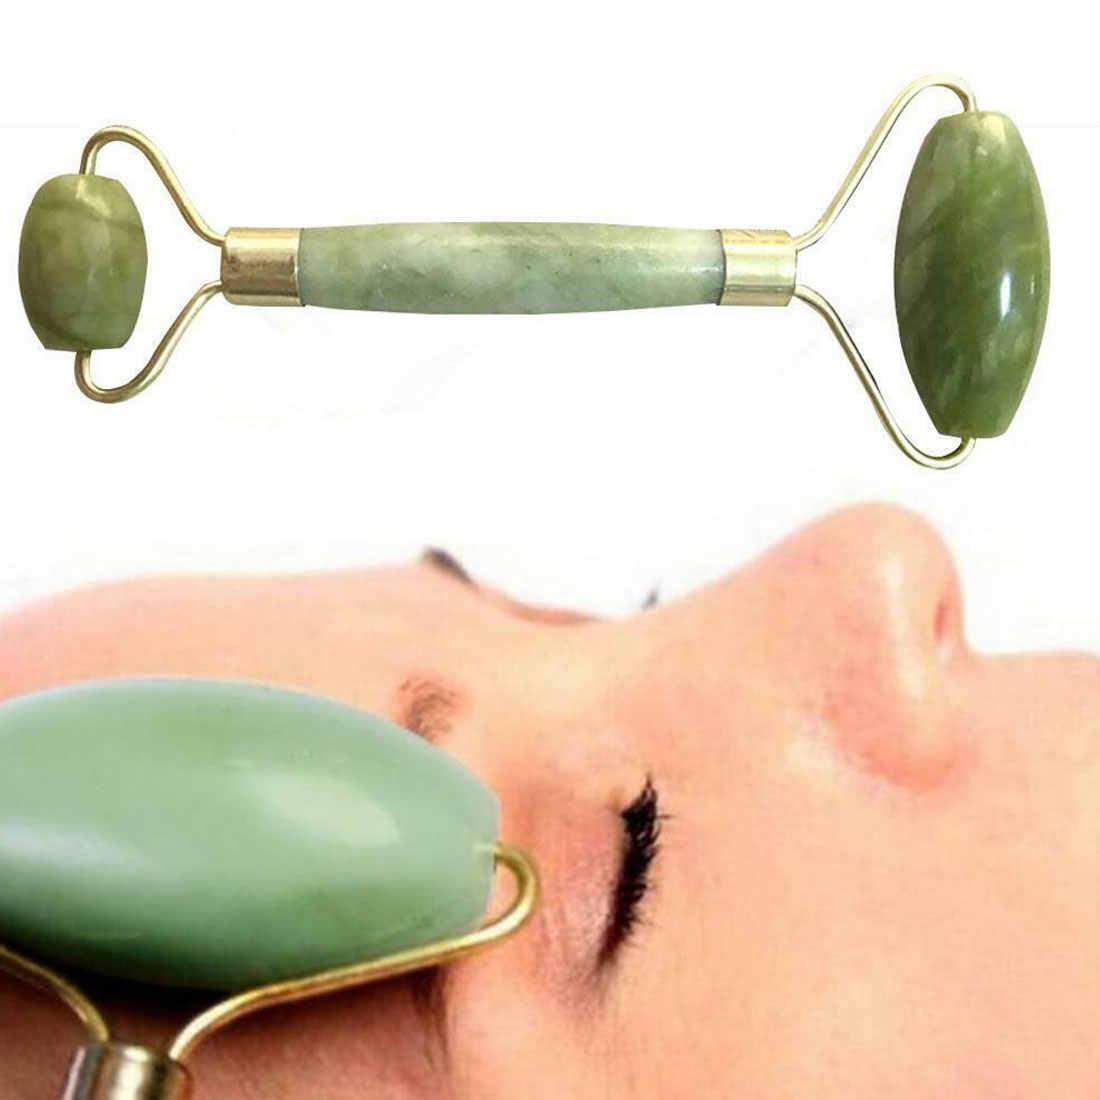 Ngọc Bích tự nhiên Mặt Massage Đá Thạch Anh Hồng Con Lăn Giảm Béo Con Lăn Máy Mát Xa Mặt Nâng Massage Da Dụng Cụ cho Chăm Sóc Sắc Đẹp